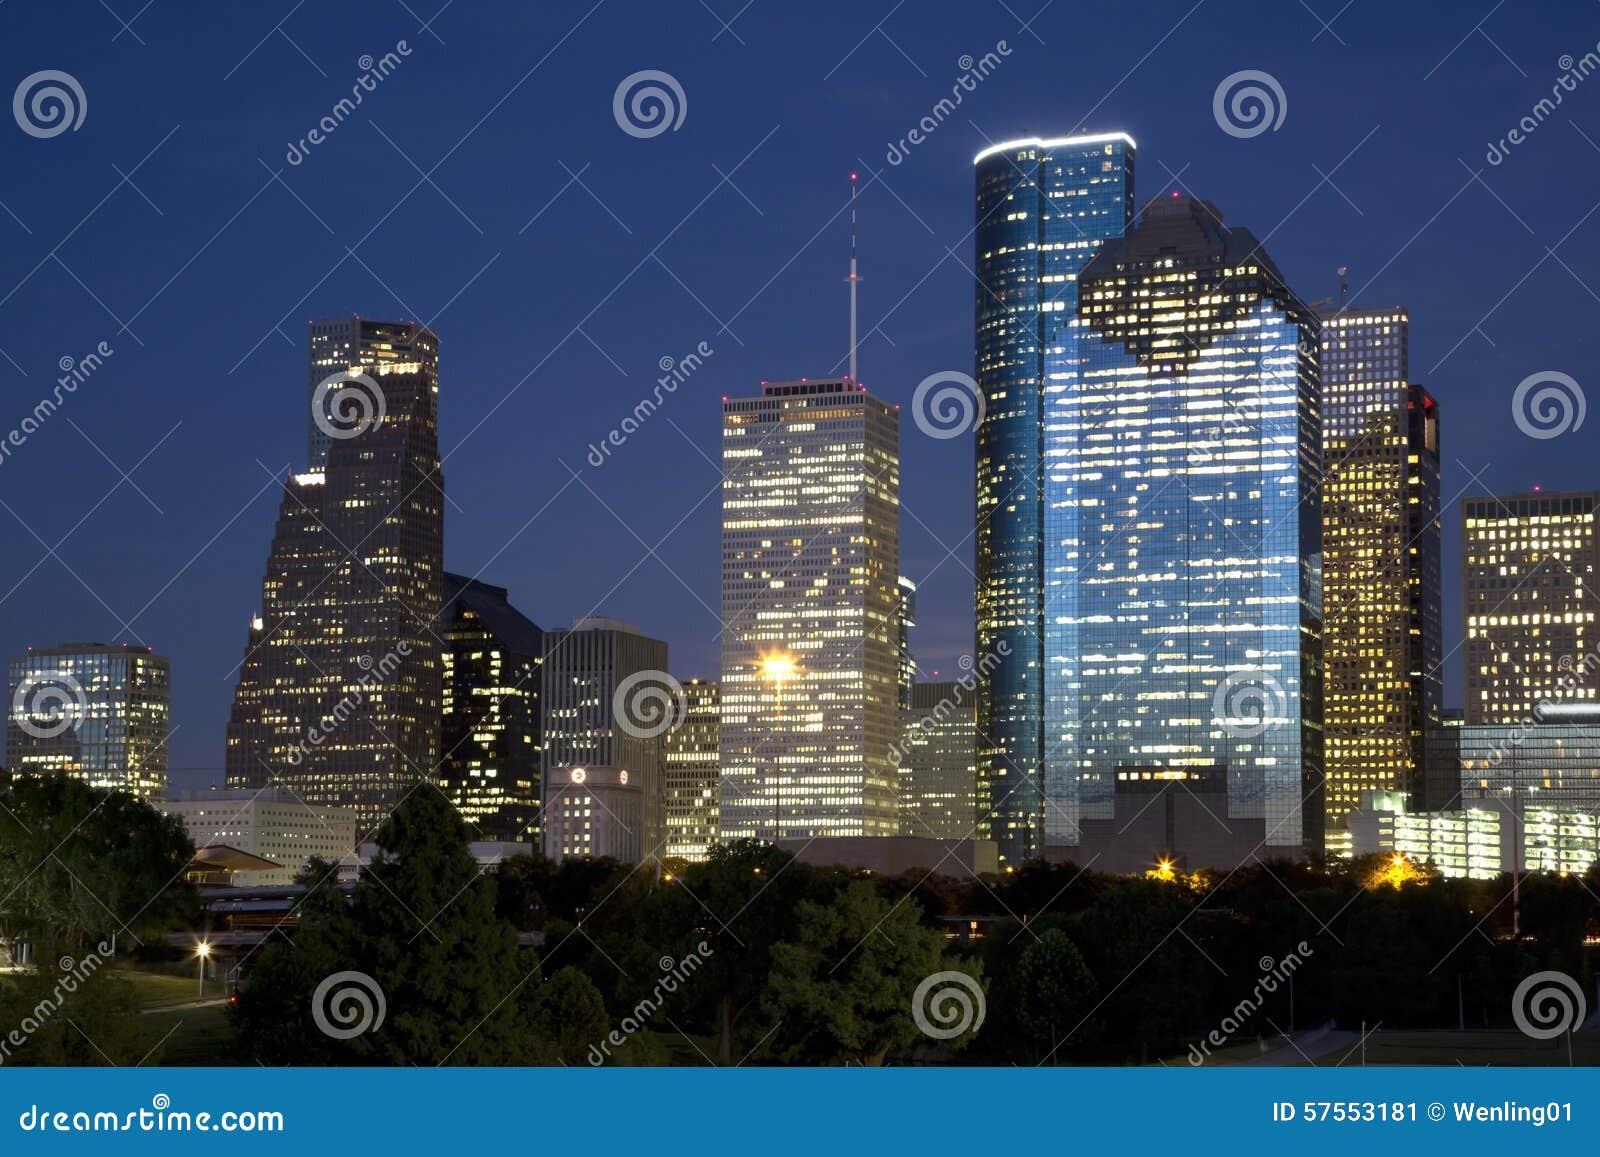 Downtown Houston night